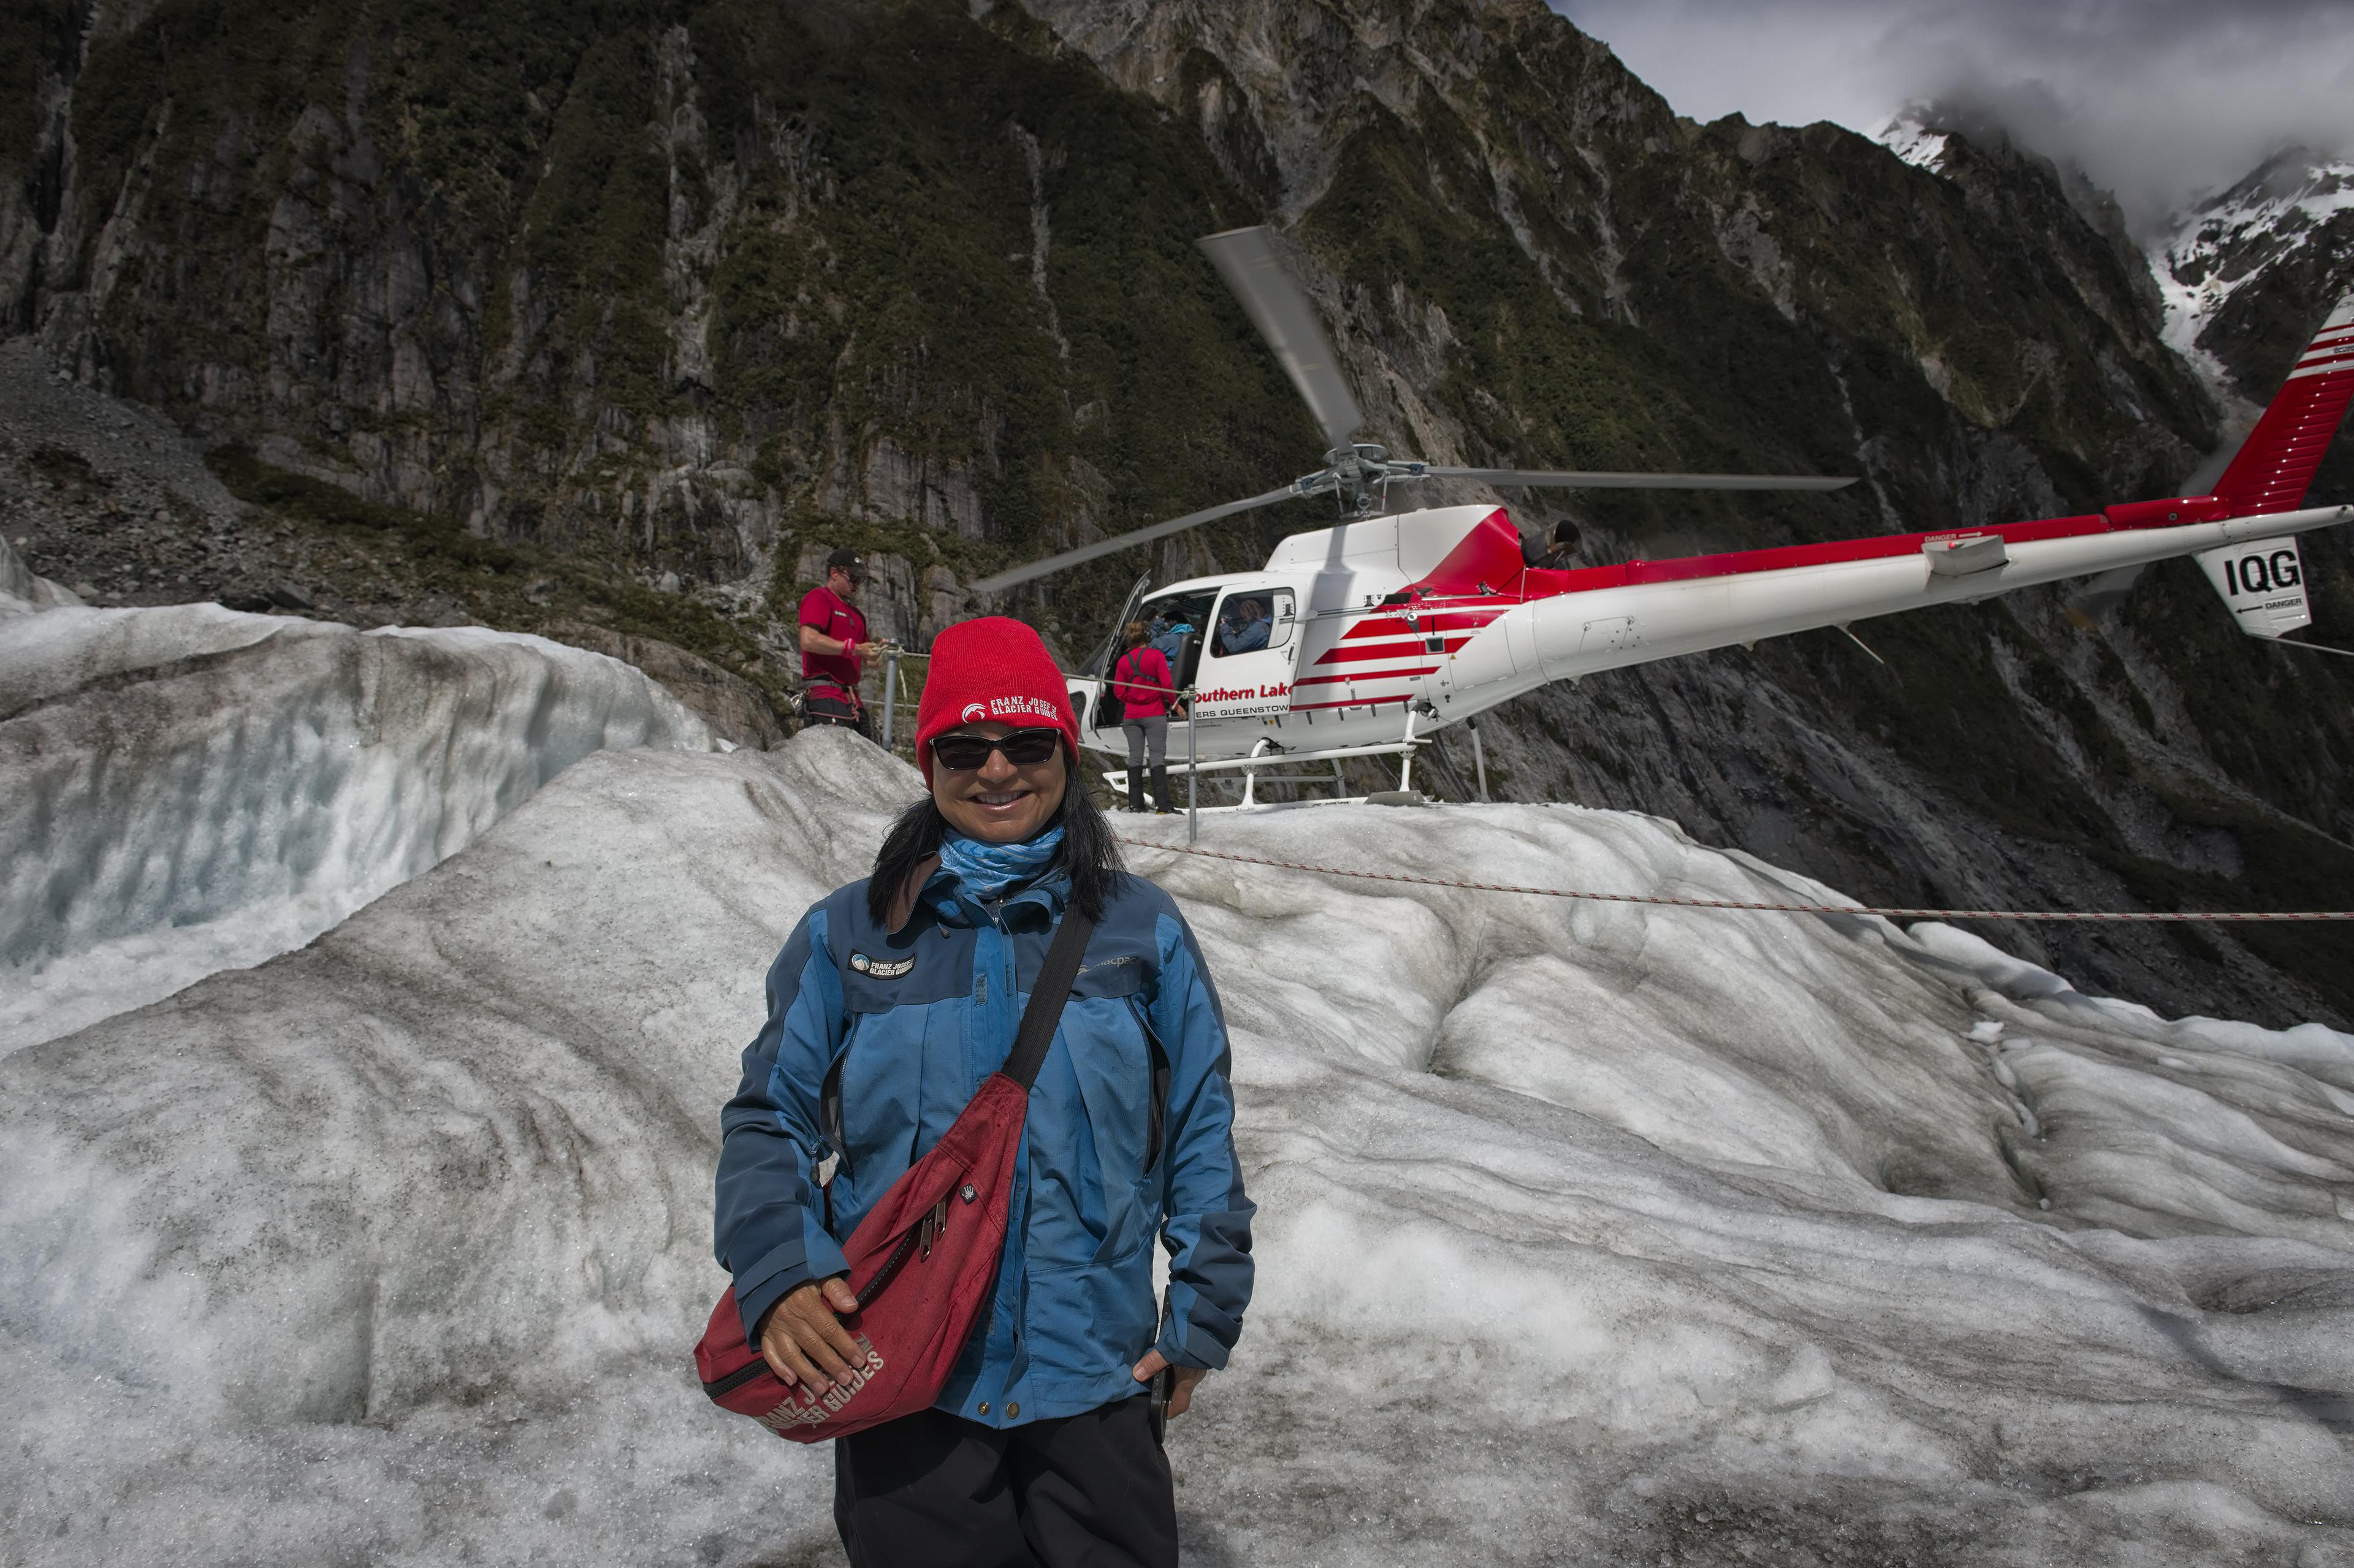 Arriving on the Franz Josef glacier